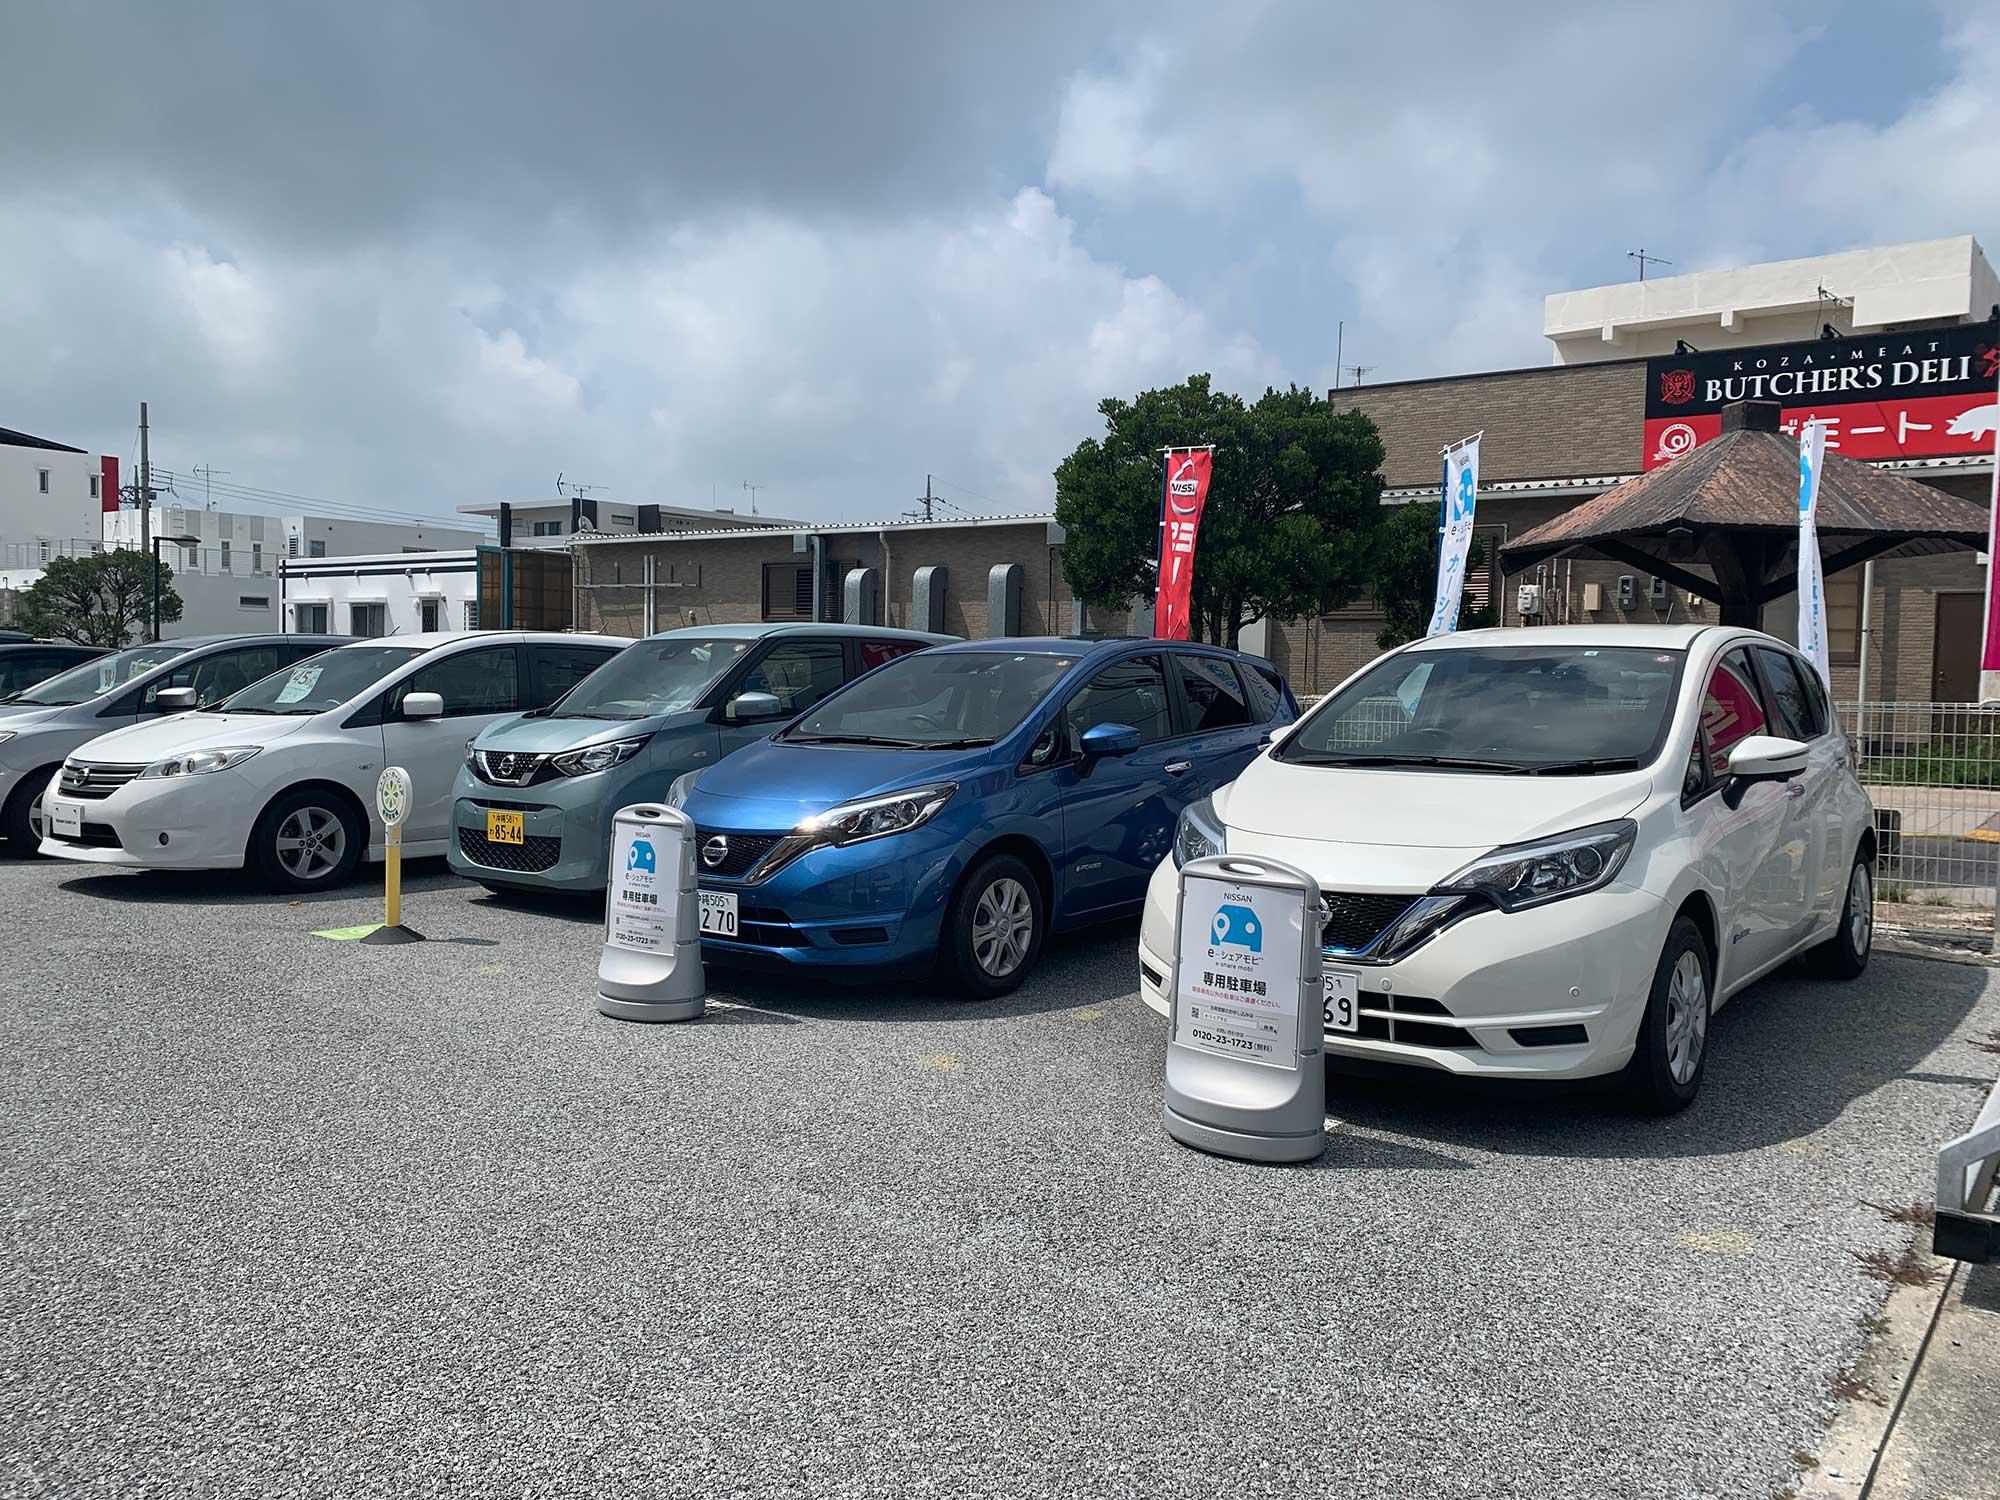 宮古島初のカーシェア フランチャイズ事業サービス開始 / りゅうにち中部ステーション「NISSANe-シェアモビ」のサービス開始